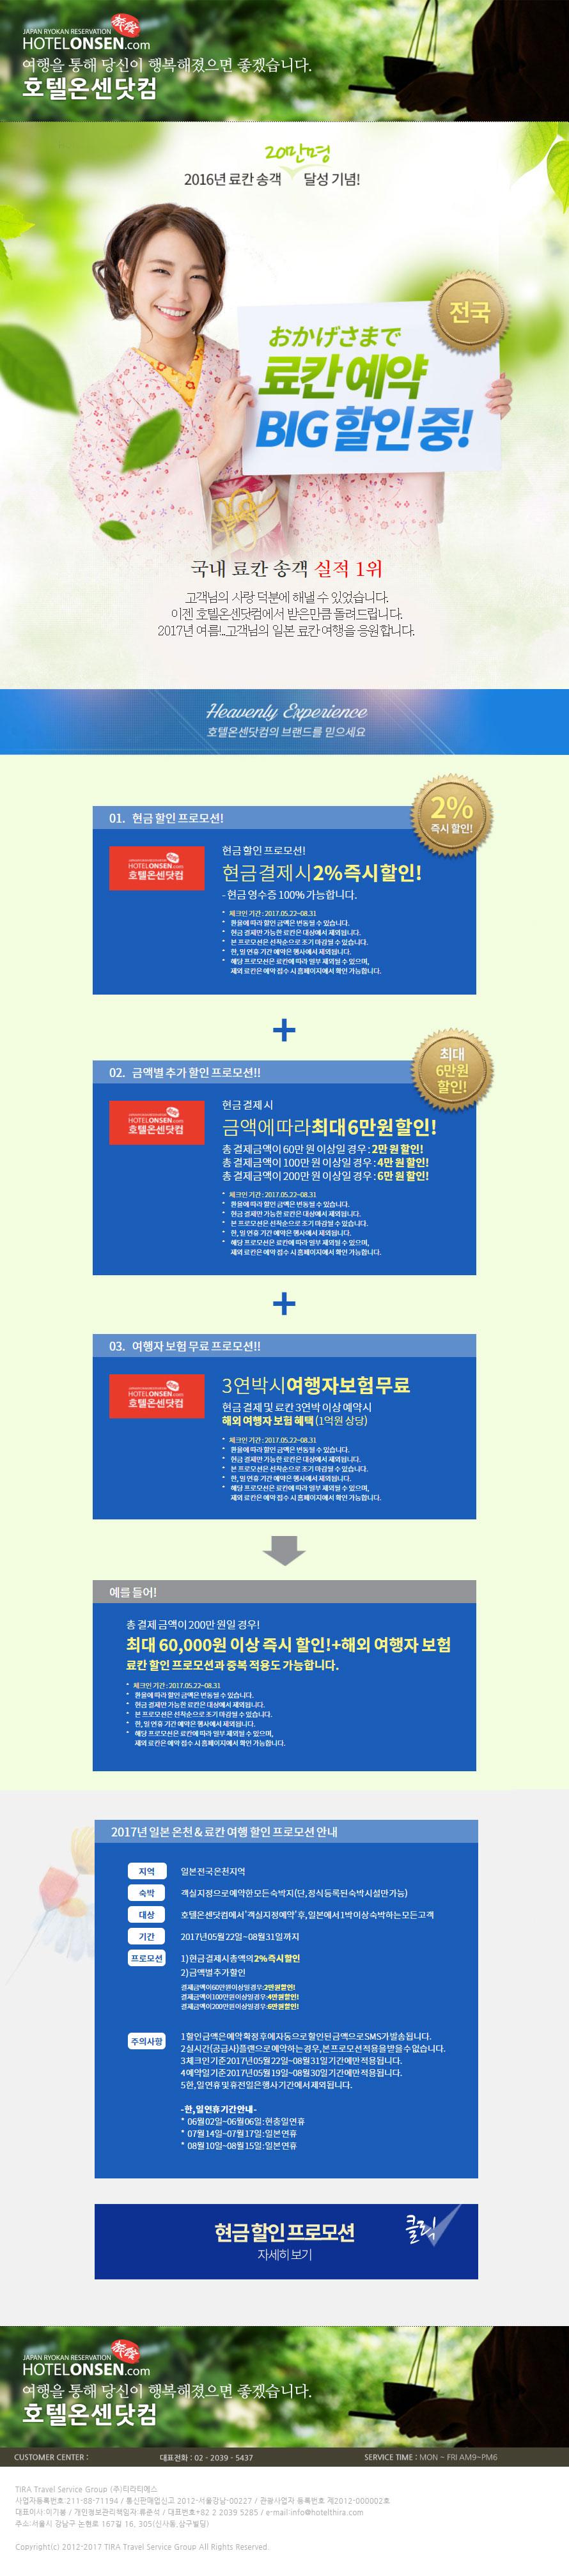 호텔온센닷컴, 국내 송객율 1위(20만 명) 달성 기념! 현금 할인 프로모션 마감 임박!